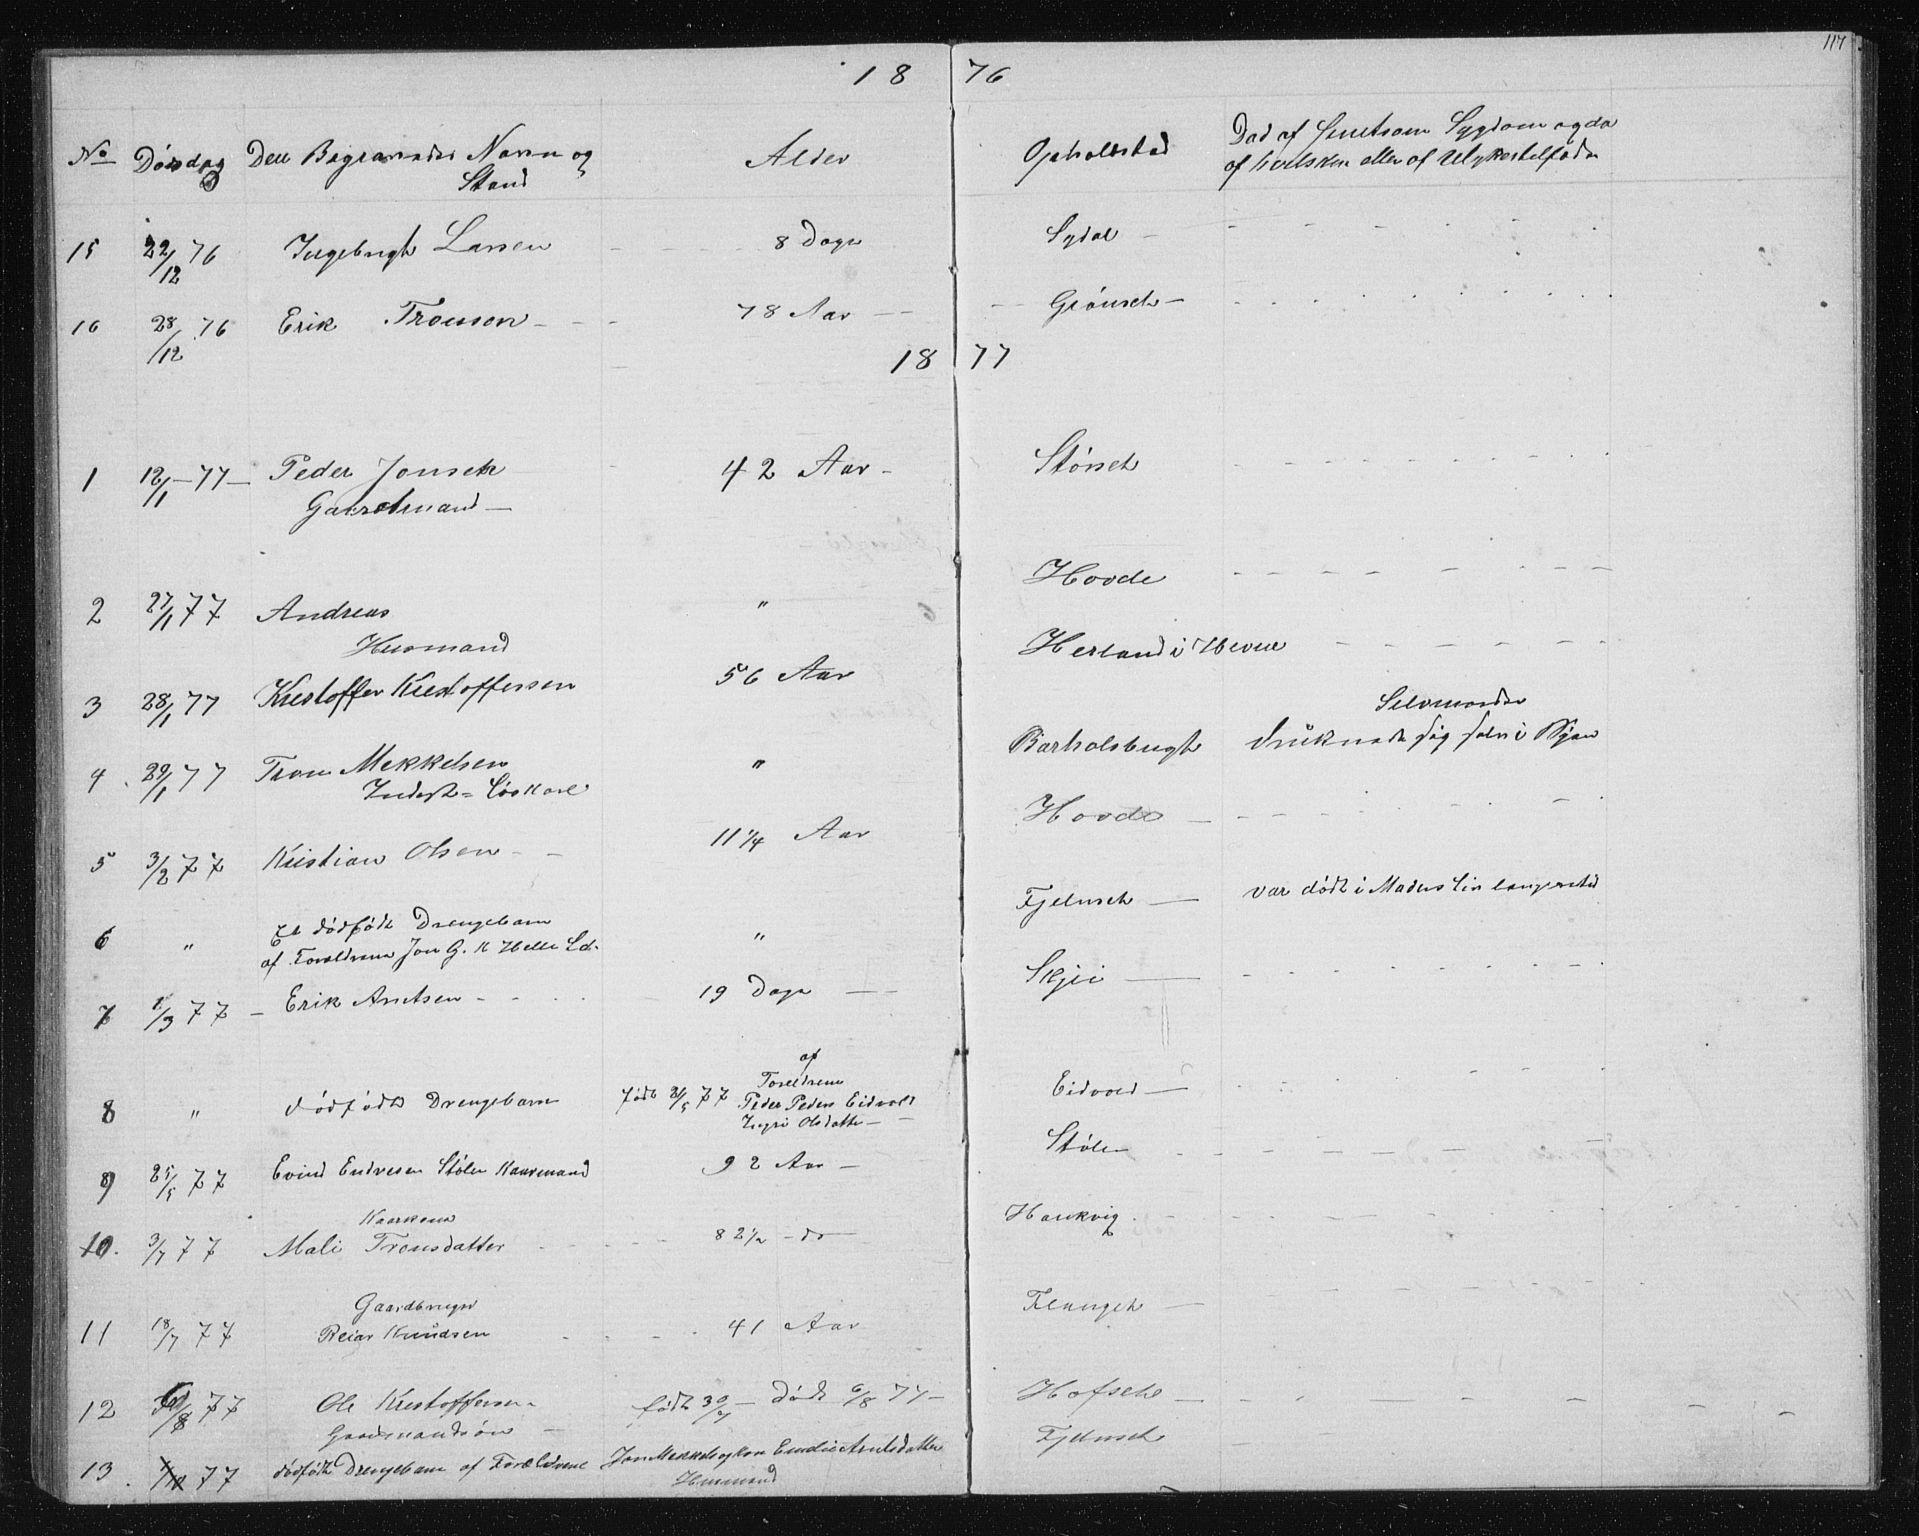 SAT, Ministerialprotokoller, klokkerbøker og fødselsregistre - Sør-Trøndelag, 631/L0513: Klokkerbok nr. 631C01, 1869-1879, s. 117